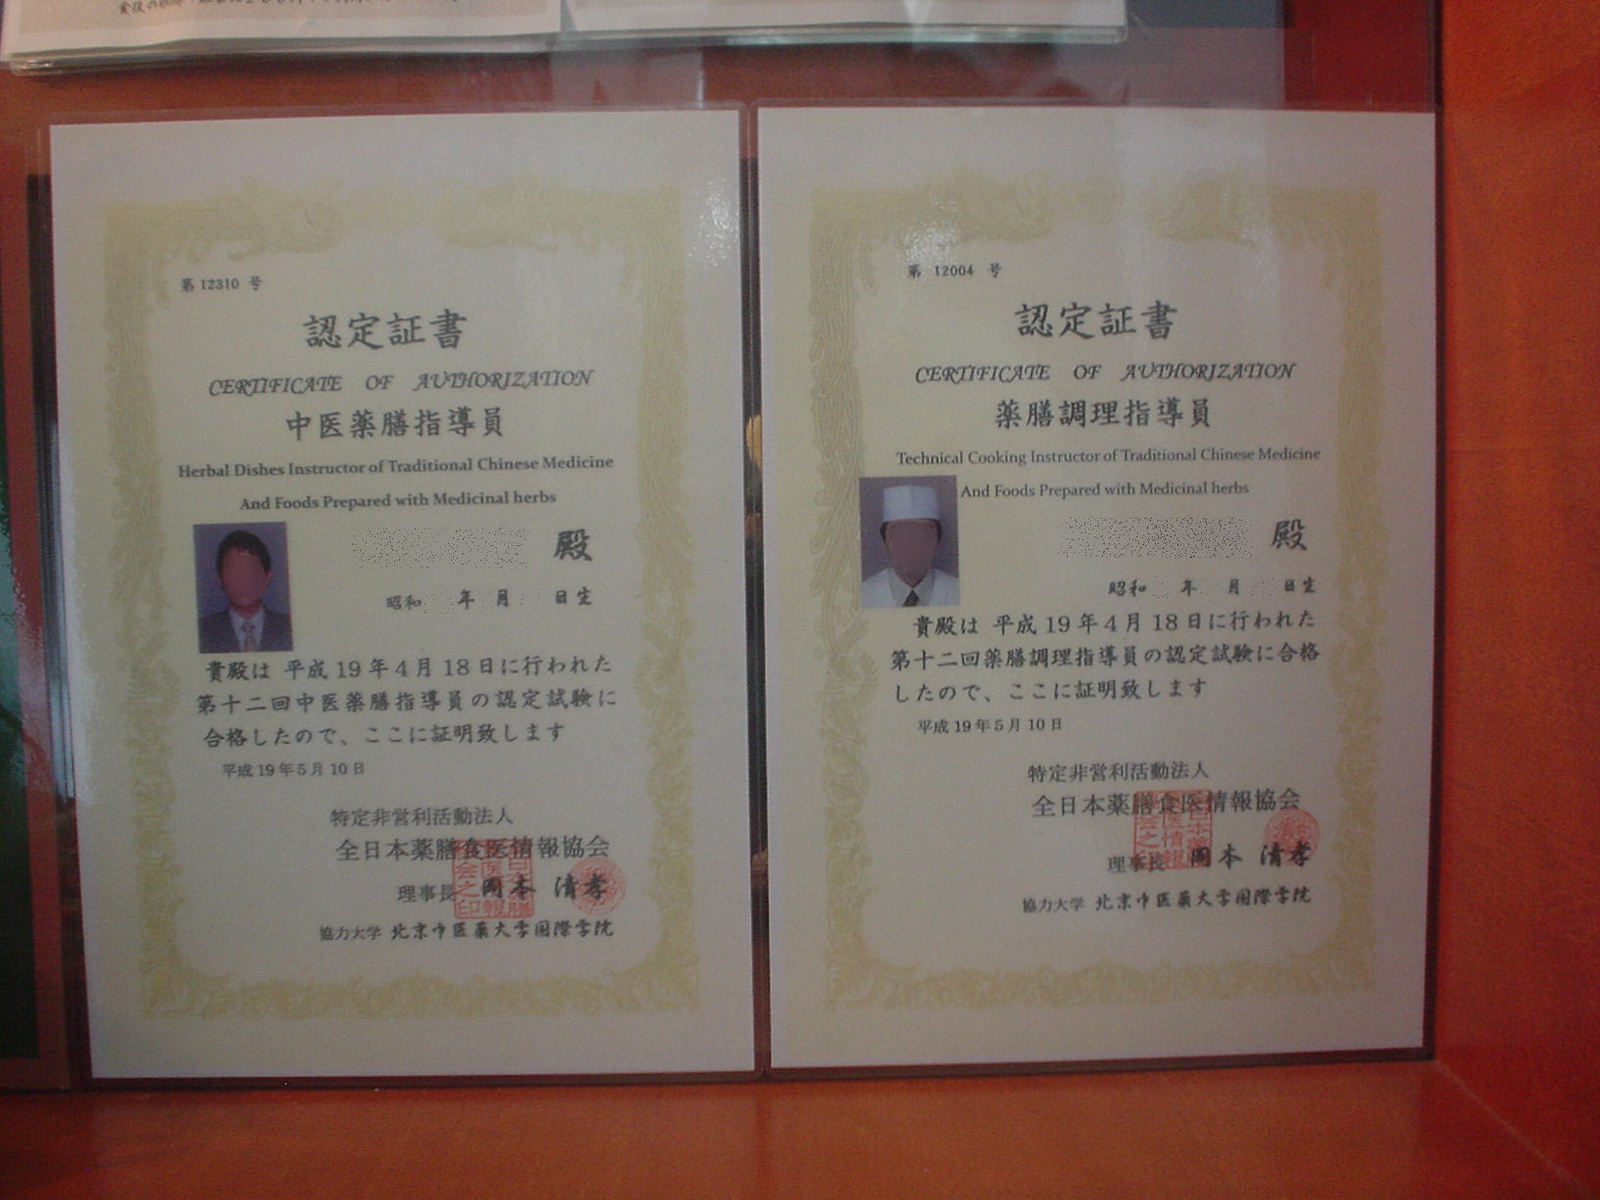 メニューサンプルと一緒に掲示されている認定証書